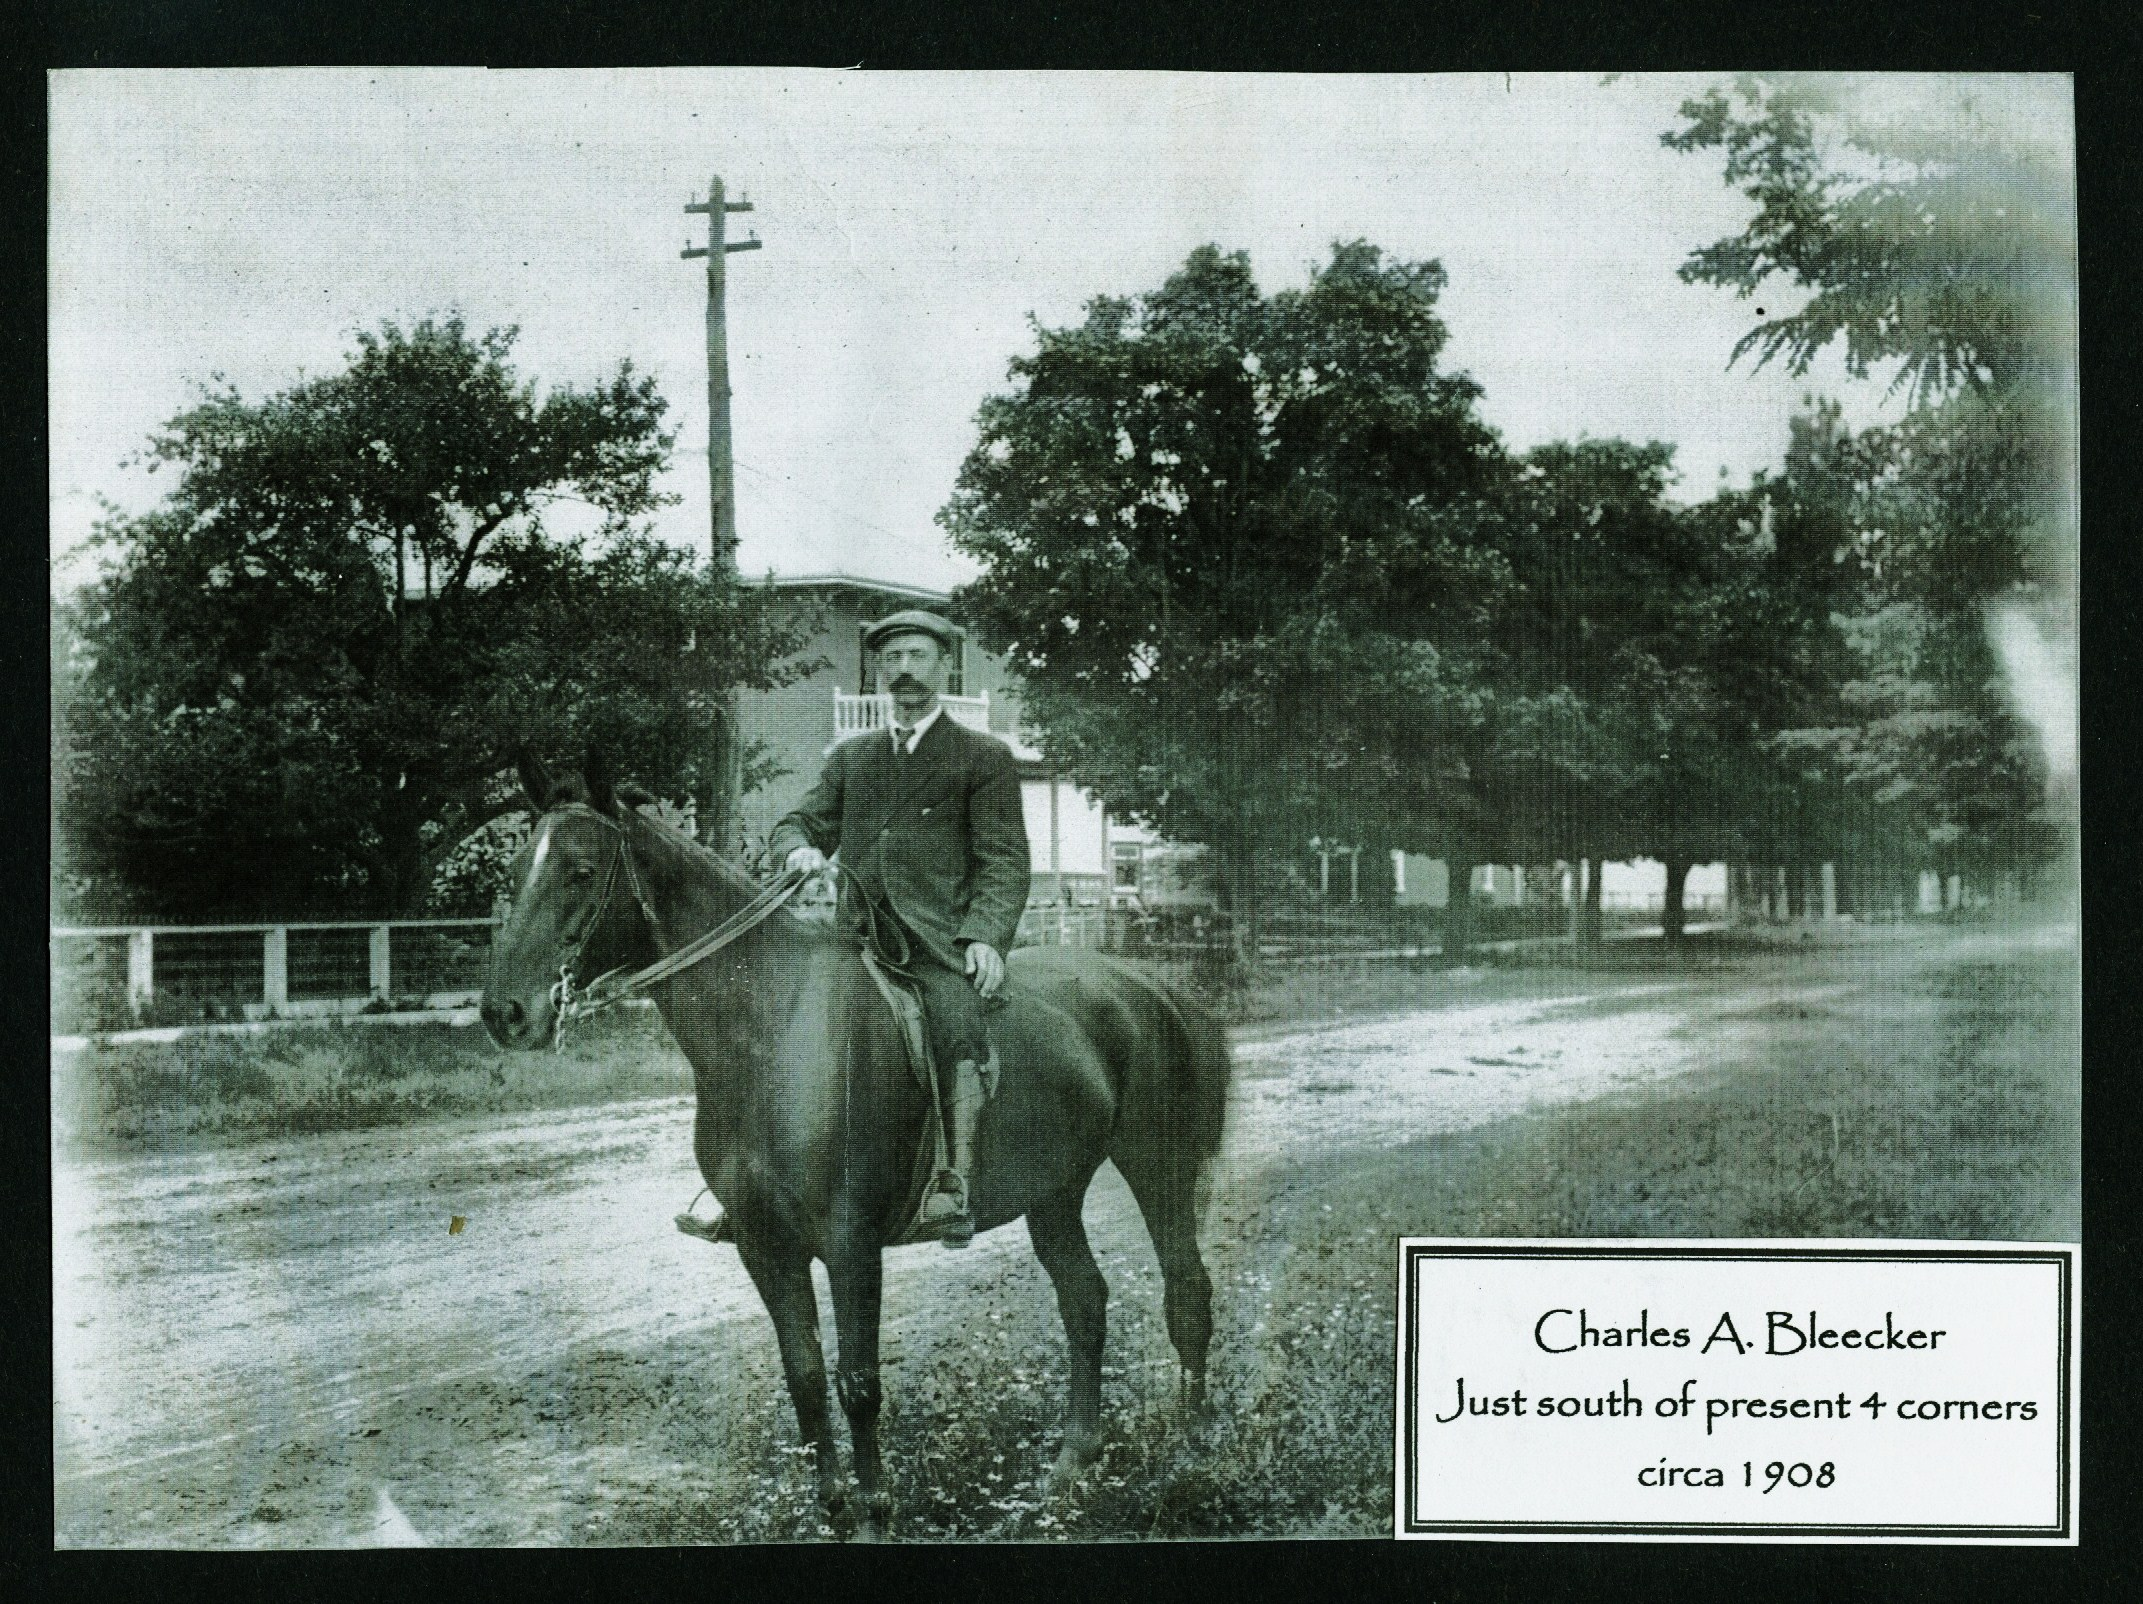 1908 Charles A. Bleecker